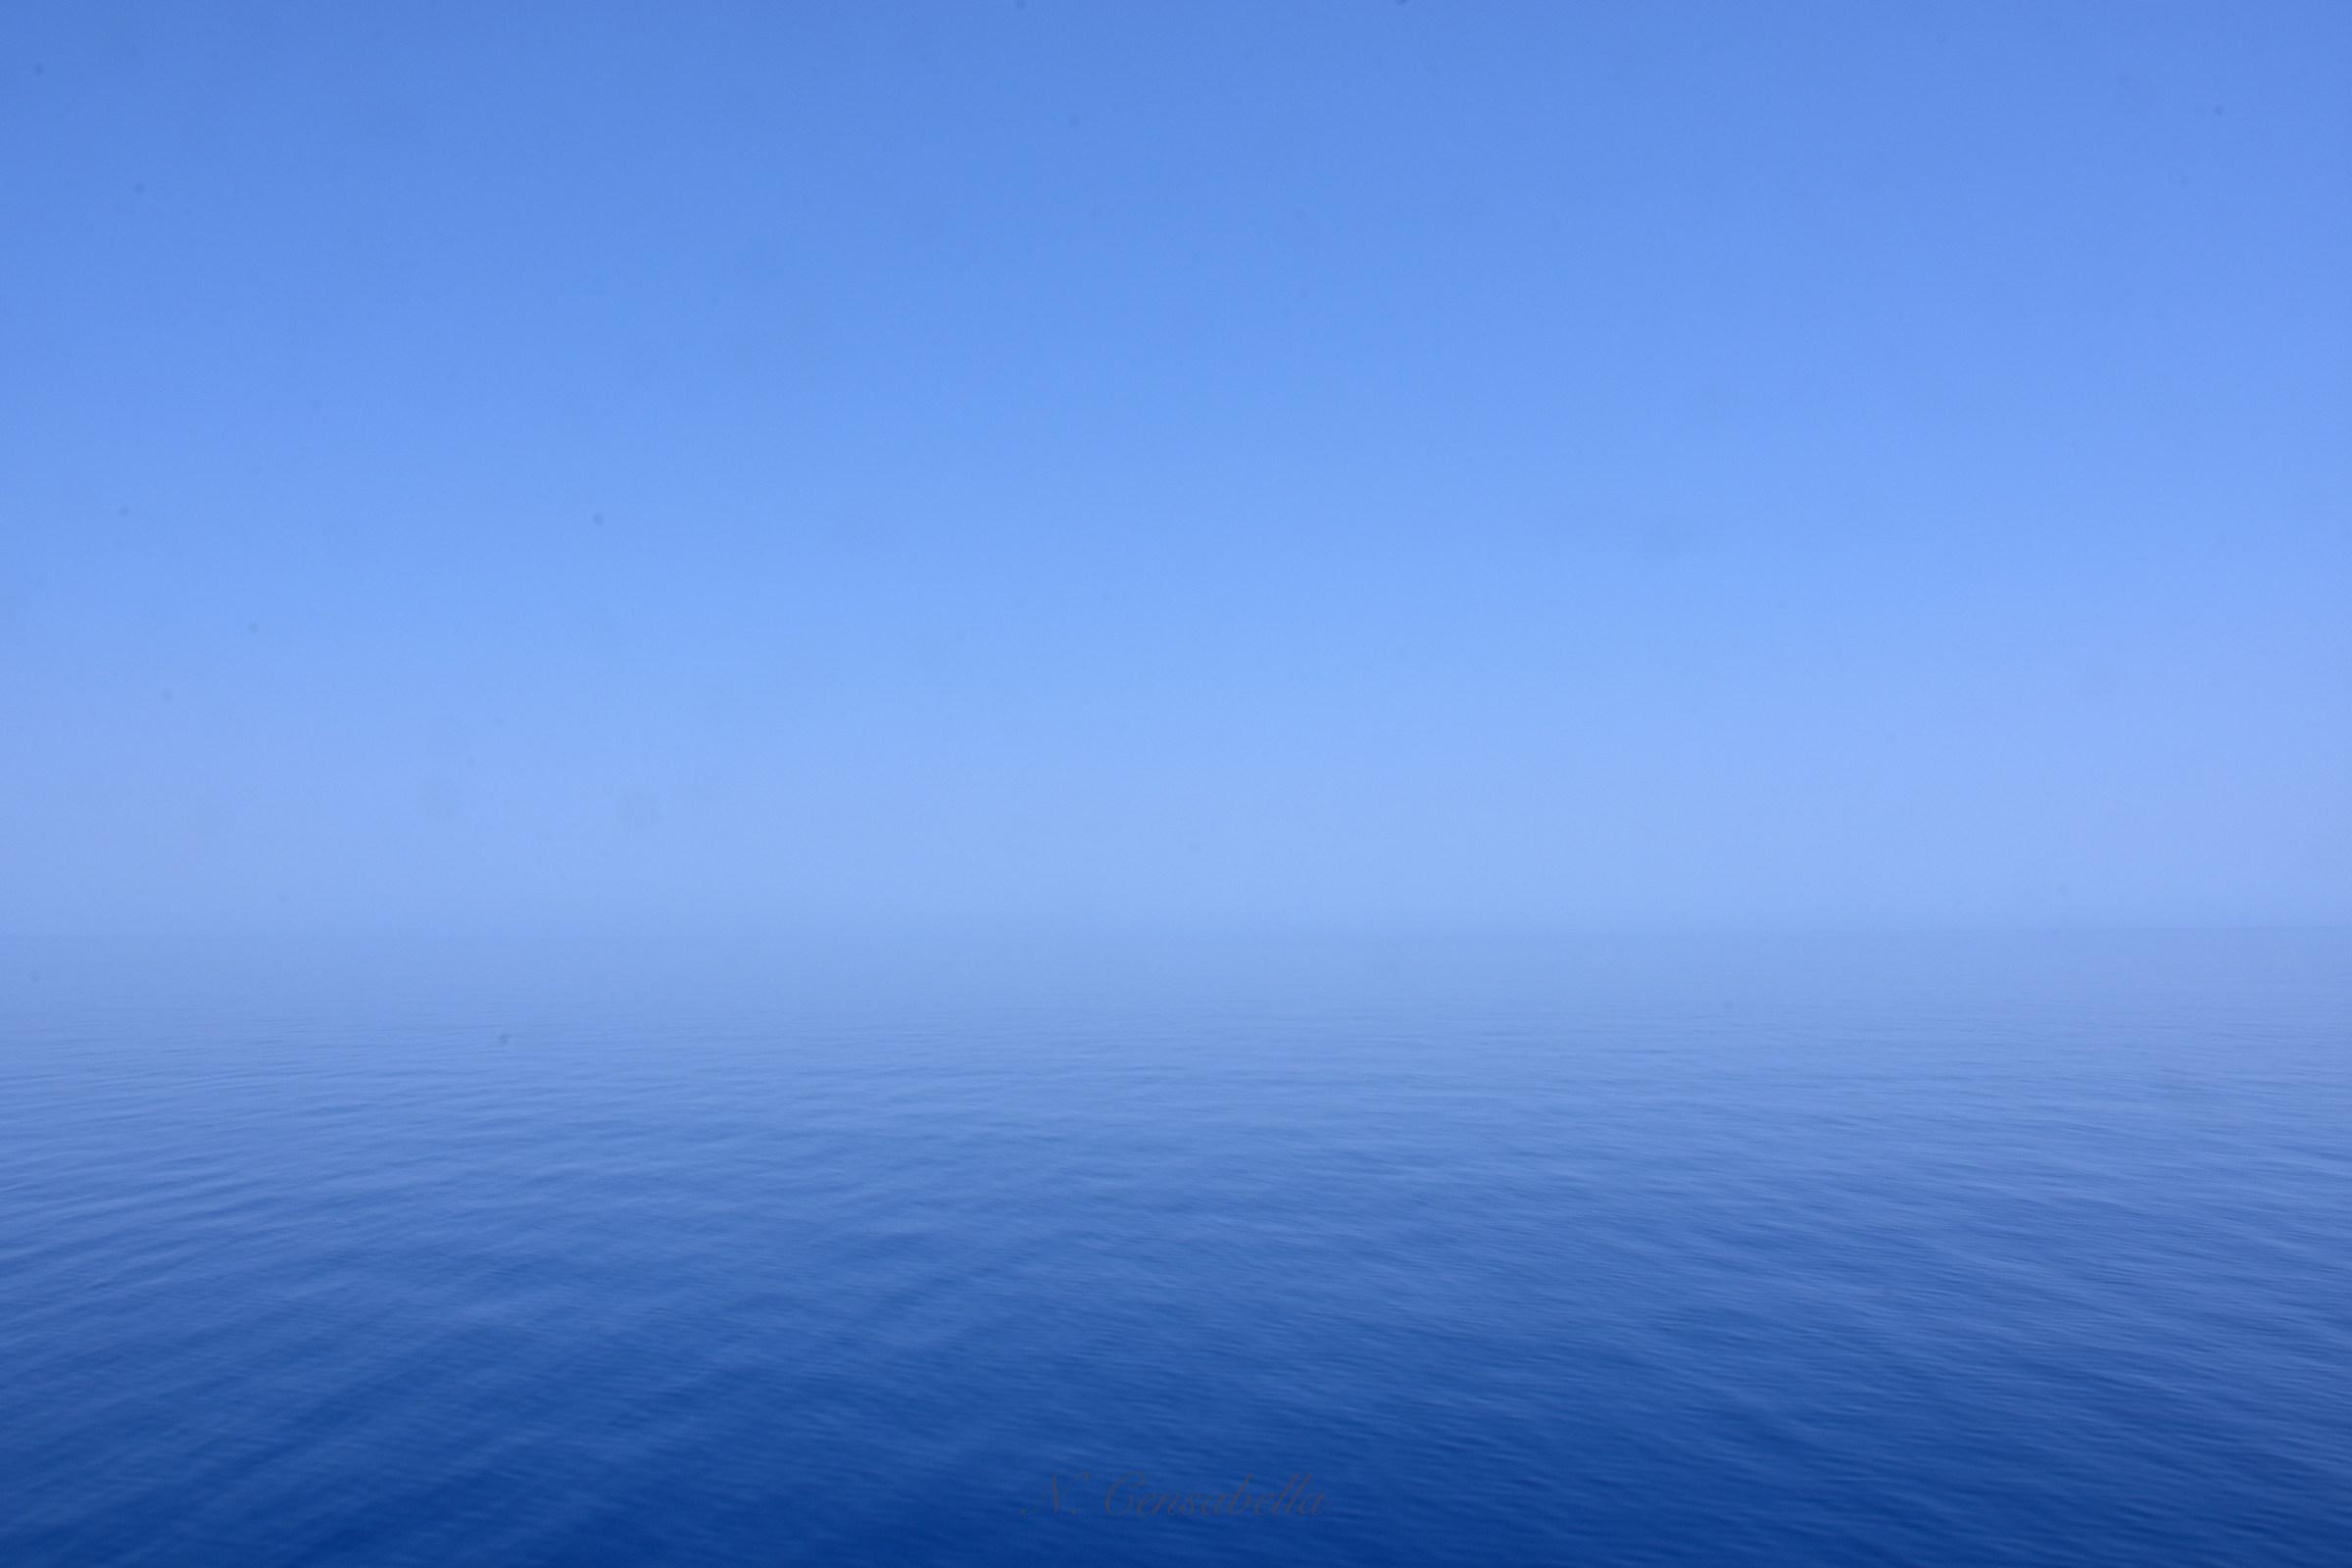 Naufragar me sweet in this sea ......